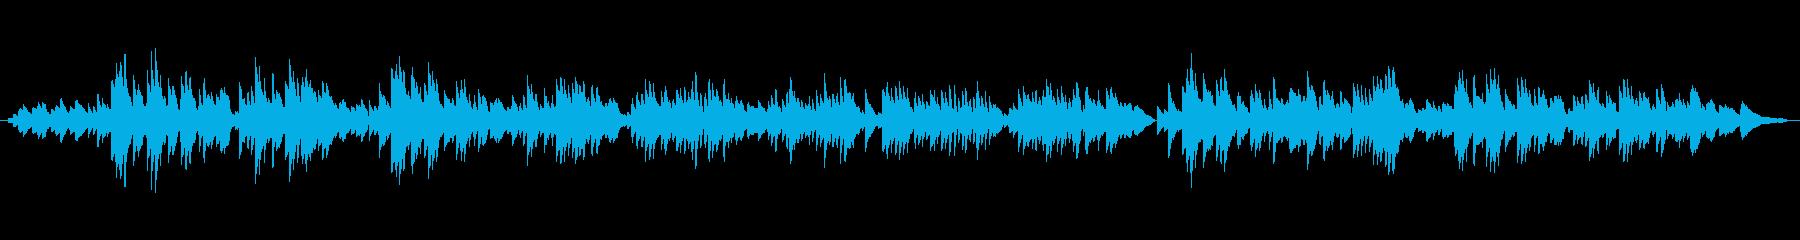 ピアノだけで演奏したオリジナル曲です。…の再生済みの波形